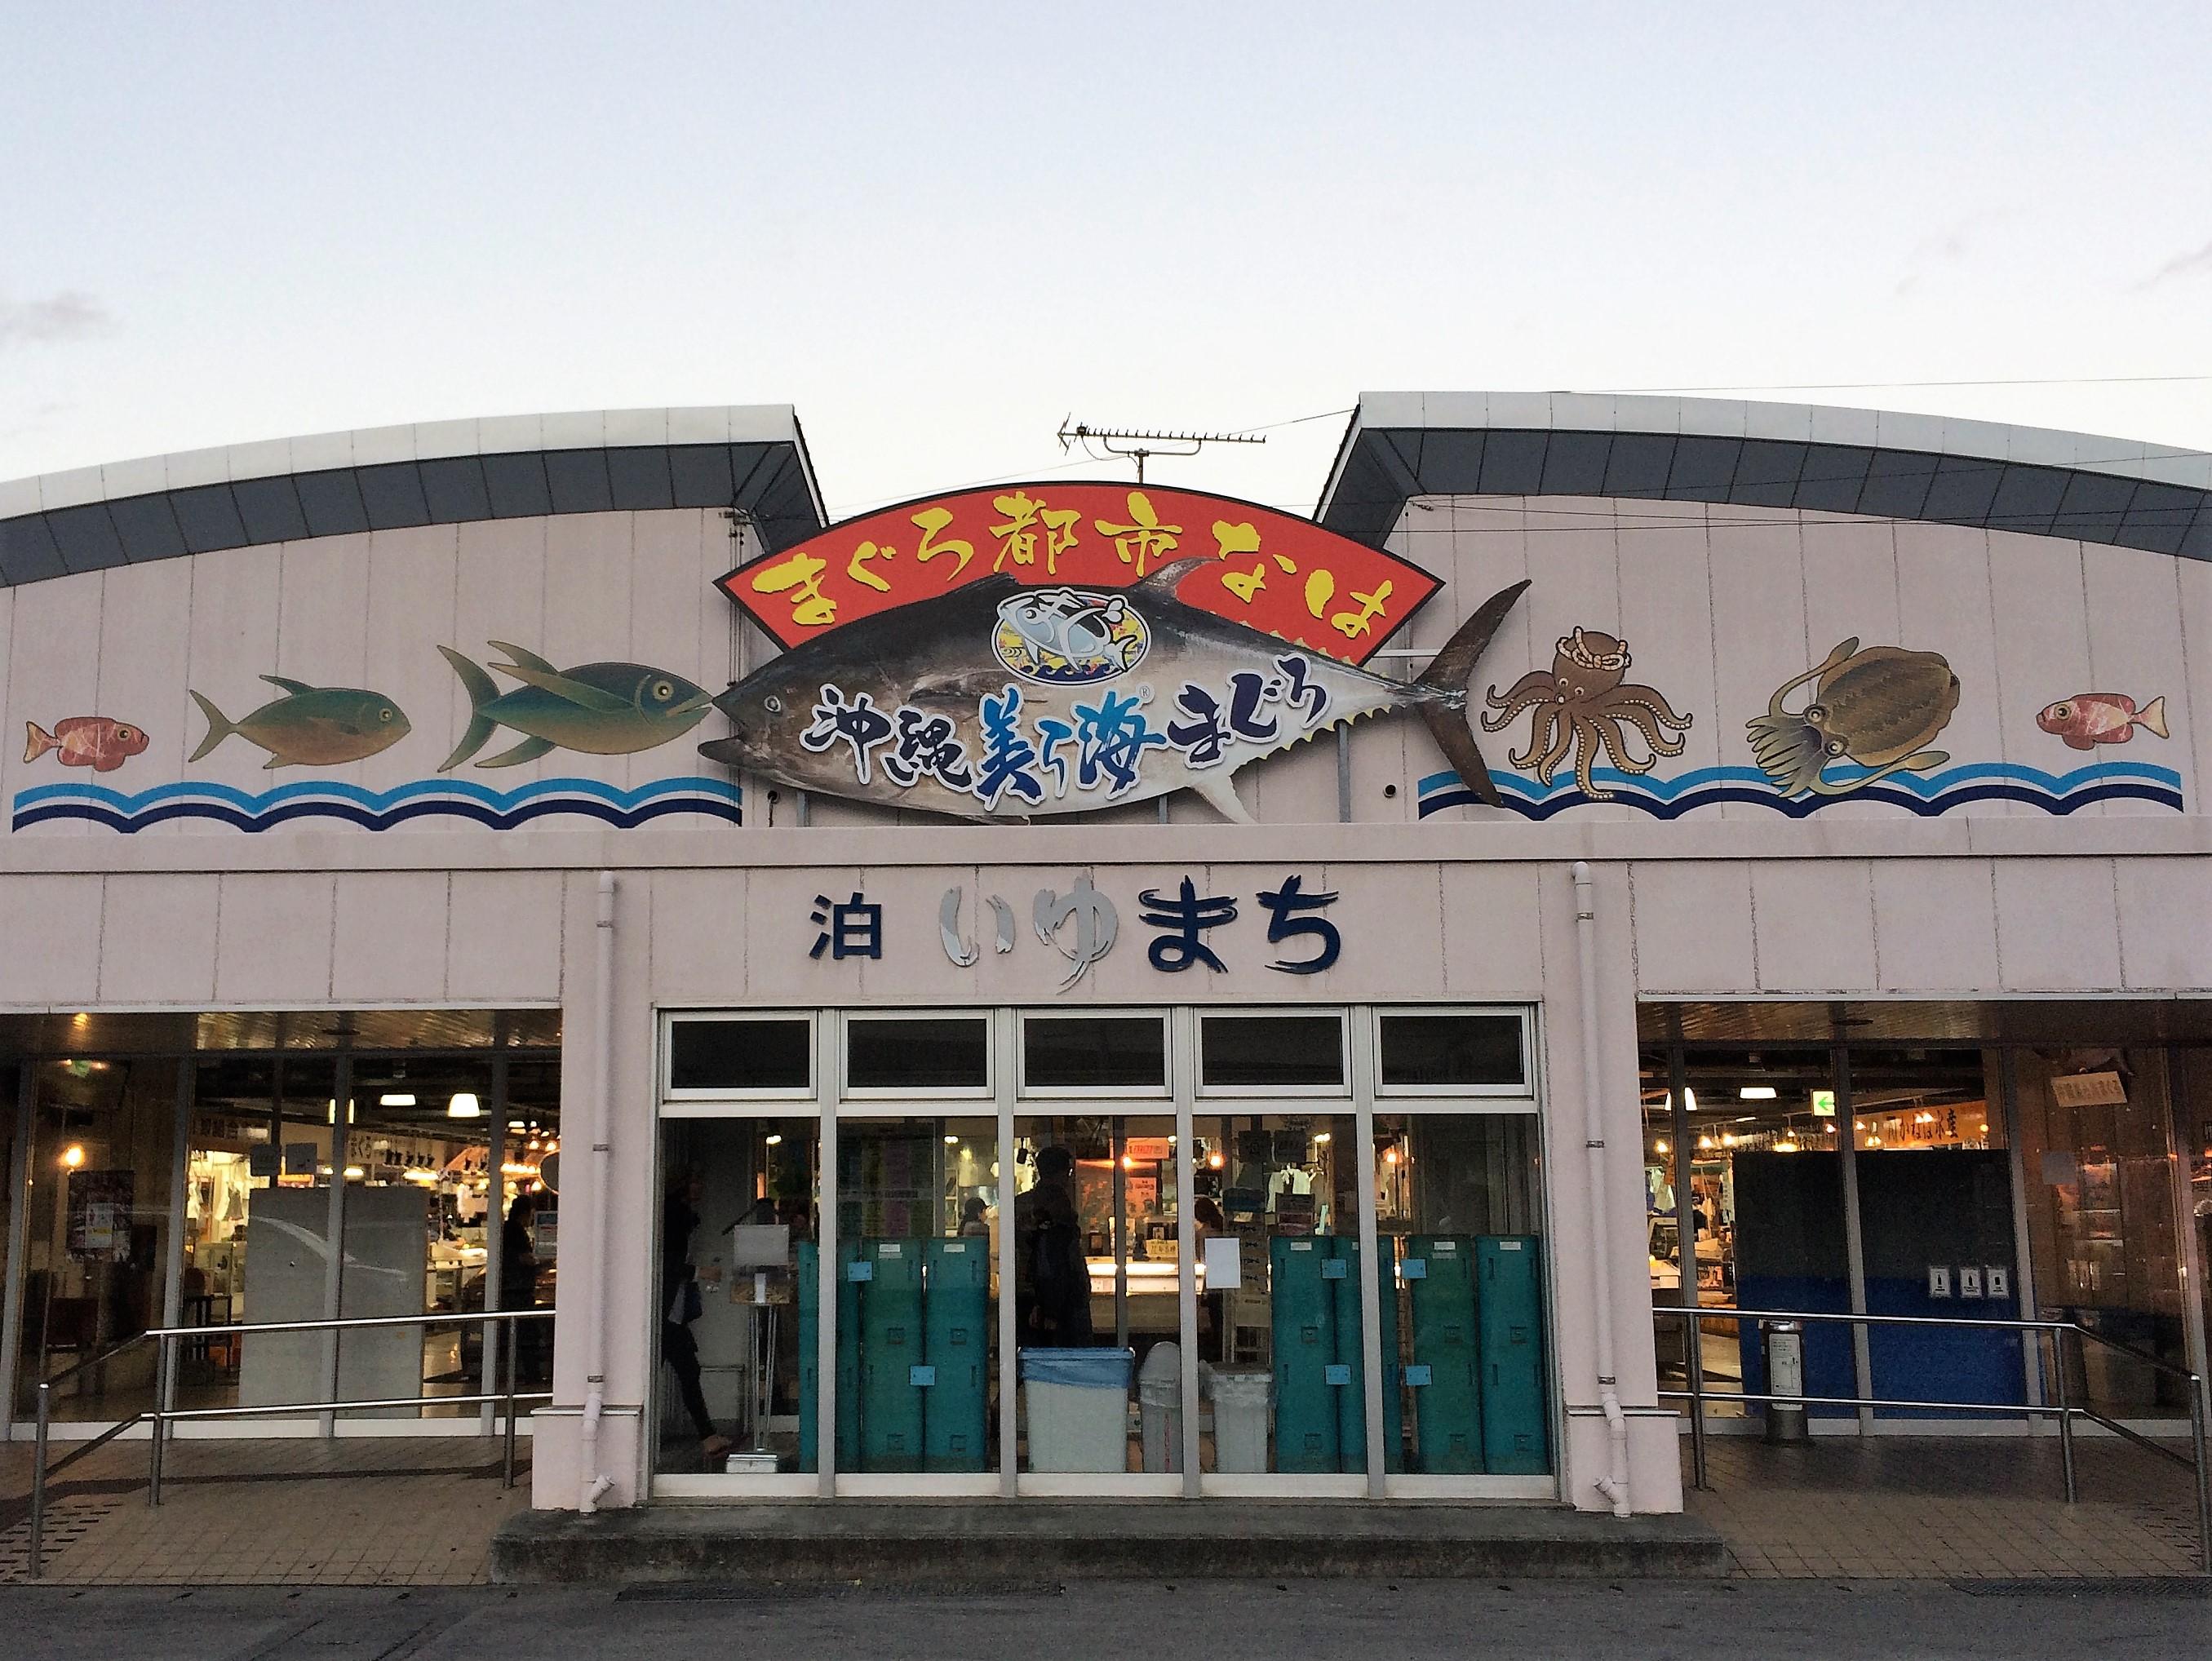 泊いゆまちとは、那覇泊港のとれたて新鮮魚市場のこと!